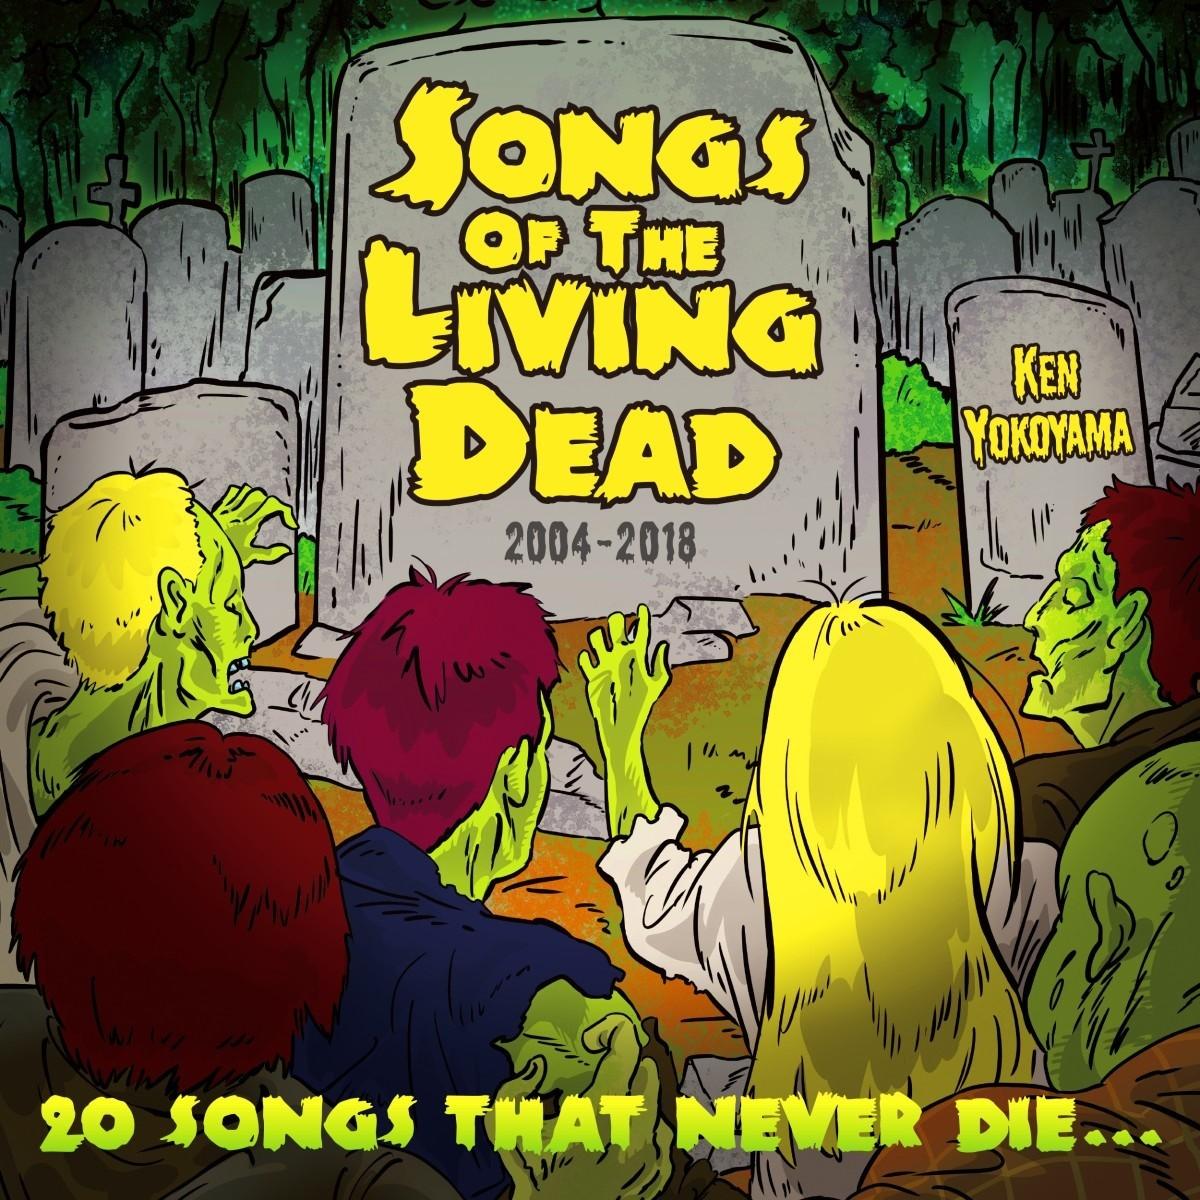 横山健 (Ken Yokoyama) – Songs of the Living Dead [FLAC + MP3 320 / WEB] [2018.10.10]